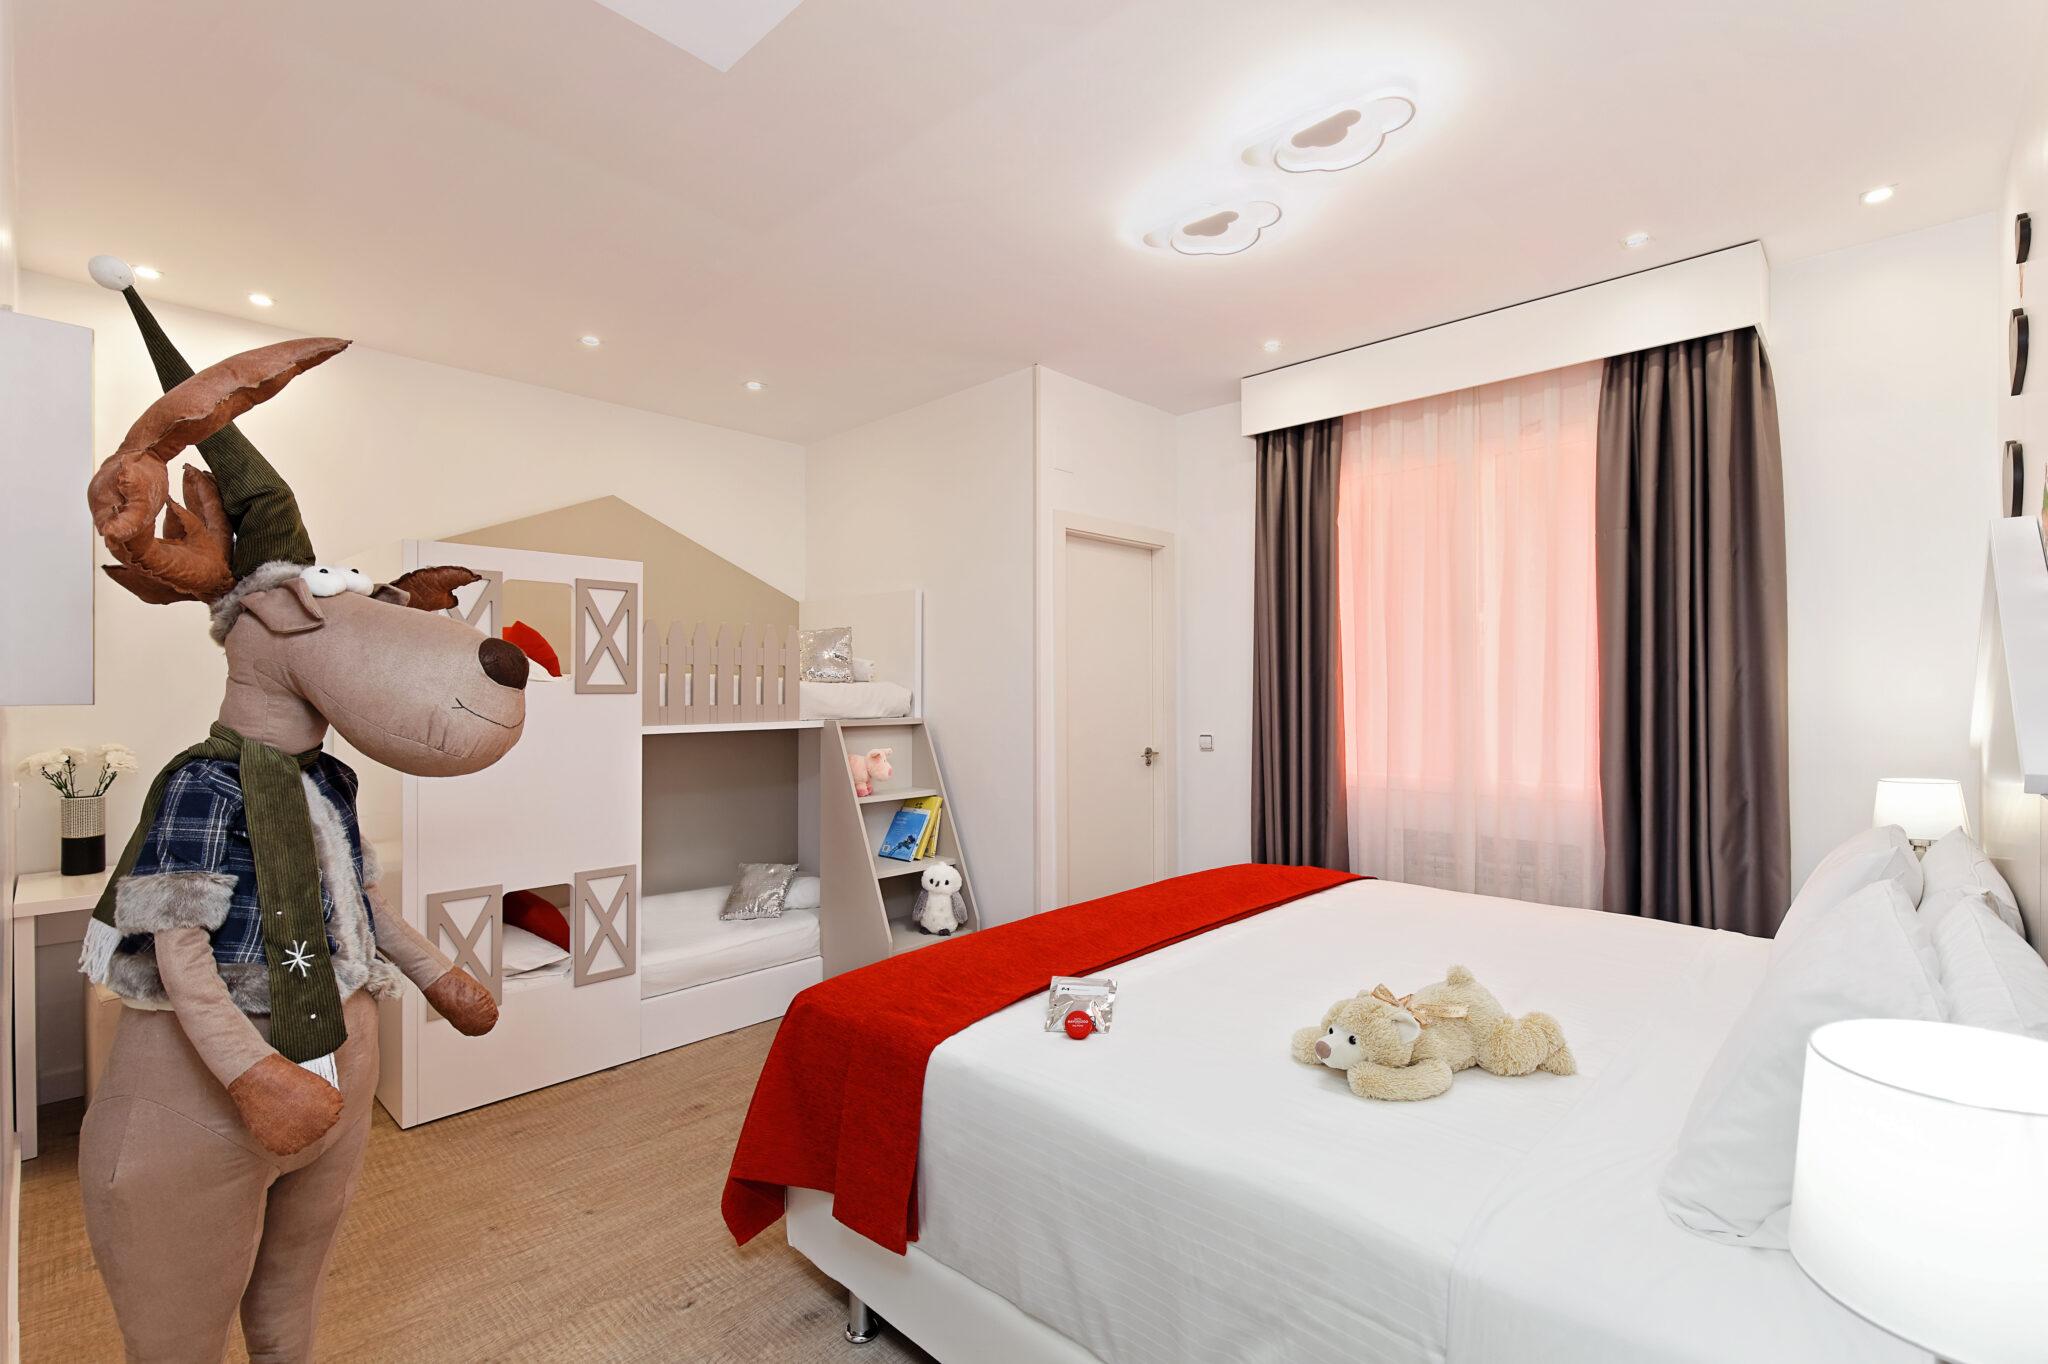 Hab 20 La de Cortylandia scaled - Dormir en Madrid con niños